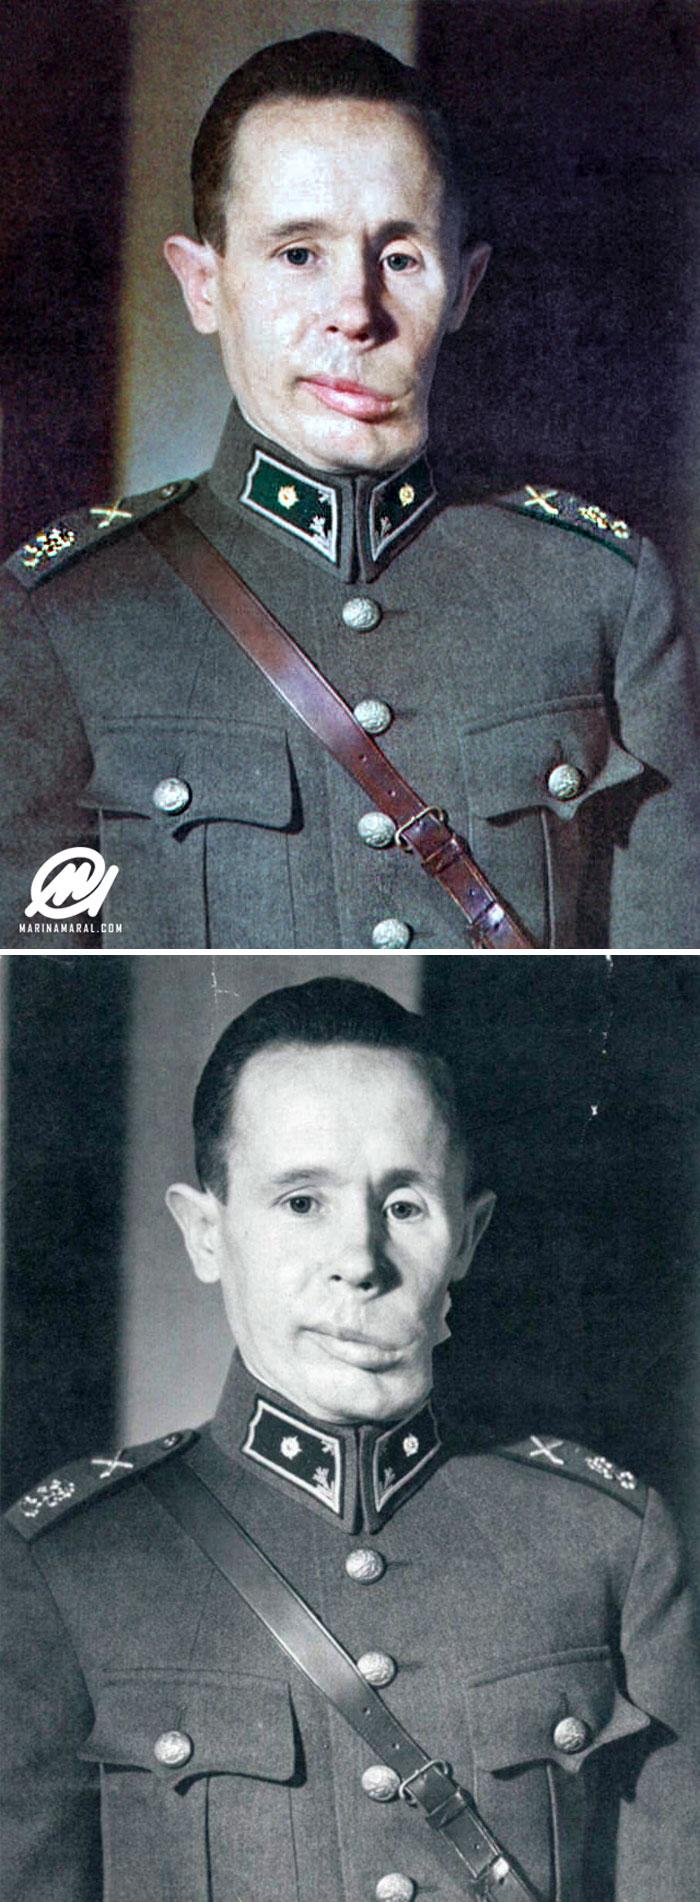 Finnish Sniper Simo Häyhä, White Death